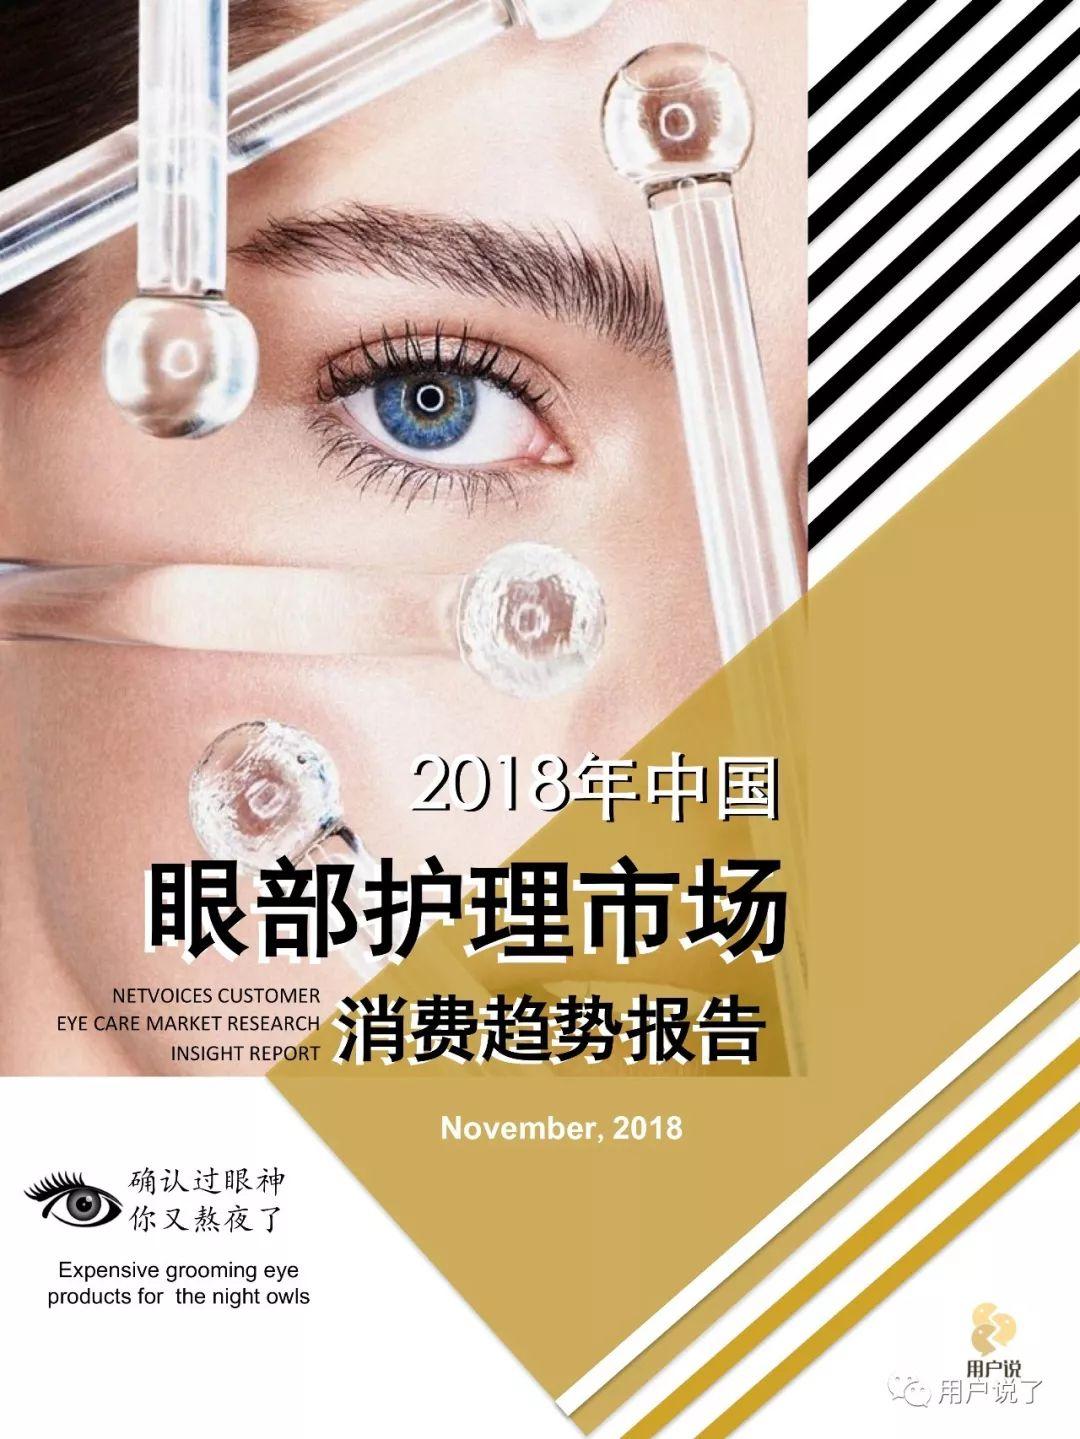 眼部精华和眼霜顺序_雅诗兰黛眼部精华露和眼霜区别_眼霜和眼部精华的使用顺序